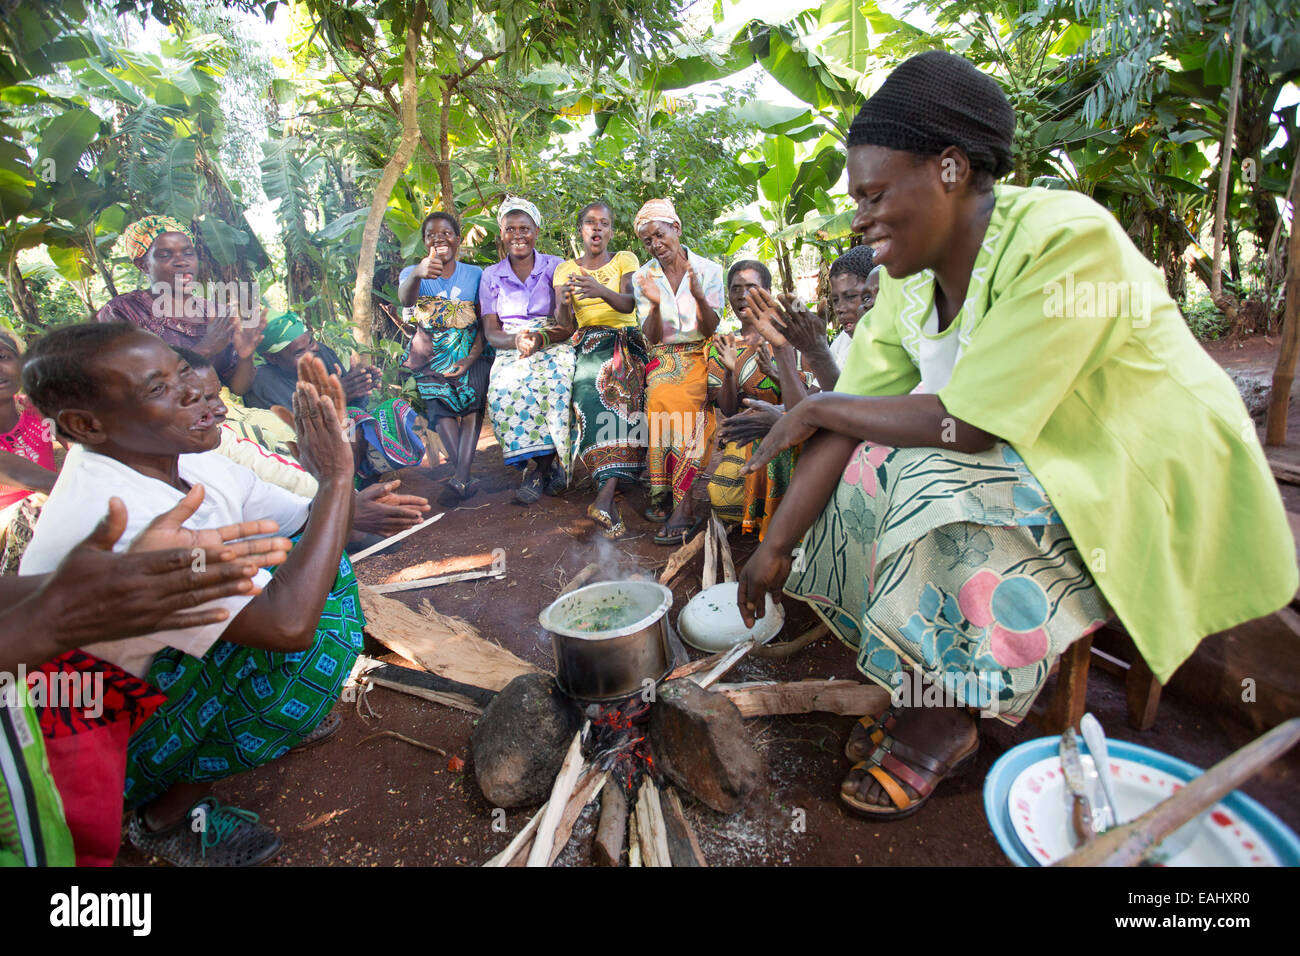 Dorfbewohner besuchen eine Kochen und Ernährung Demonstration in Mulanje Bezirk, Malawi. Stockbild